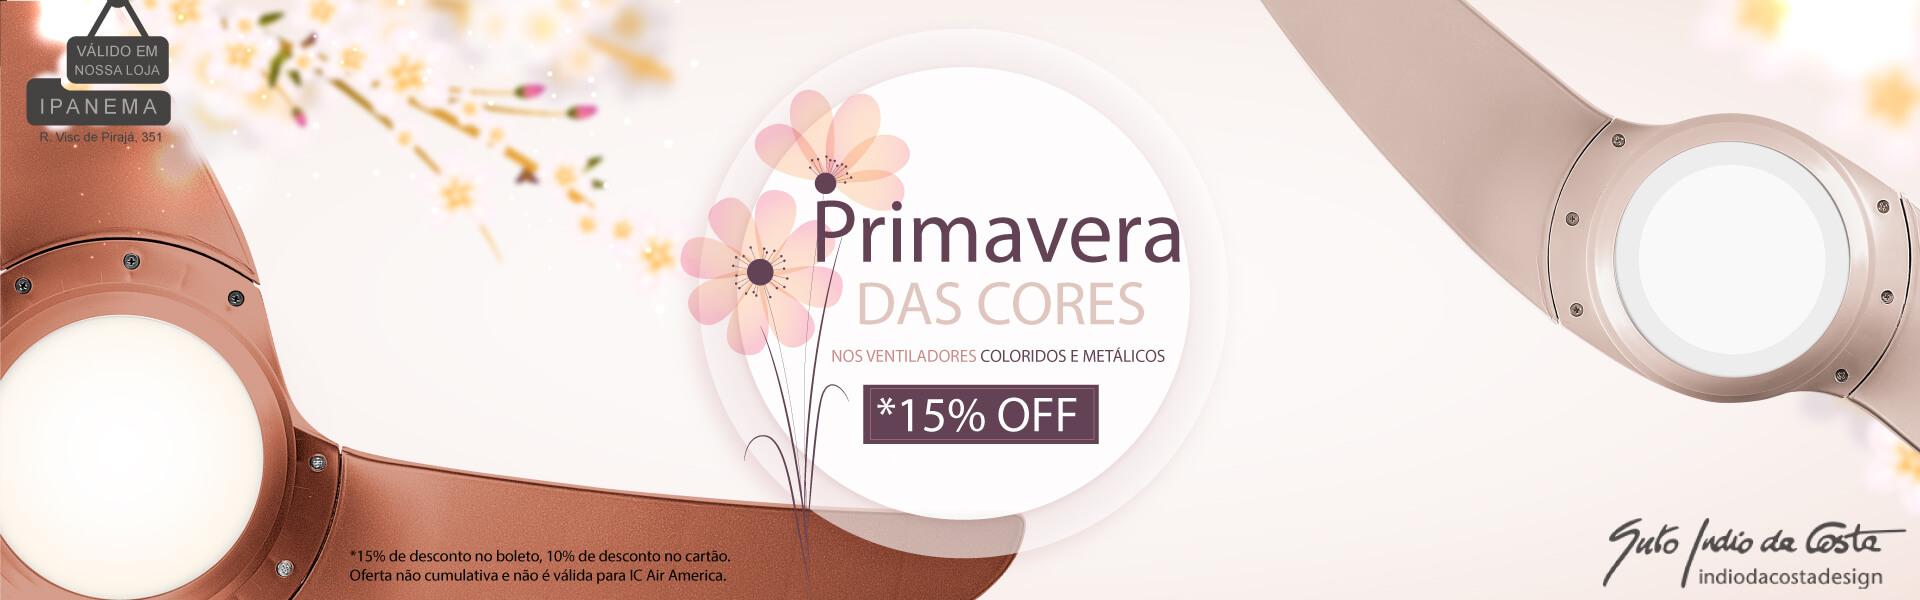 Primavera das Cores - Ventiladores Metálicos e Coloridos até 15% OFF!